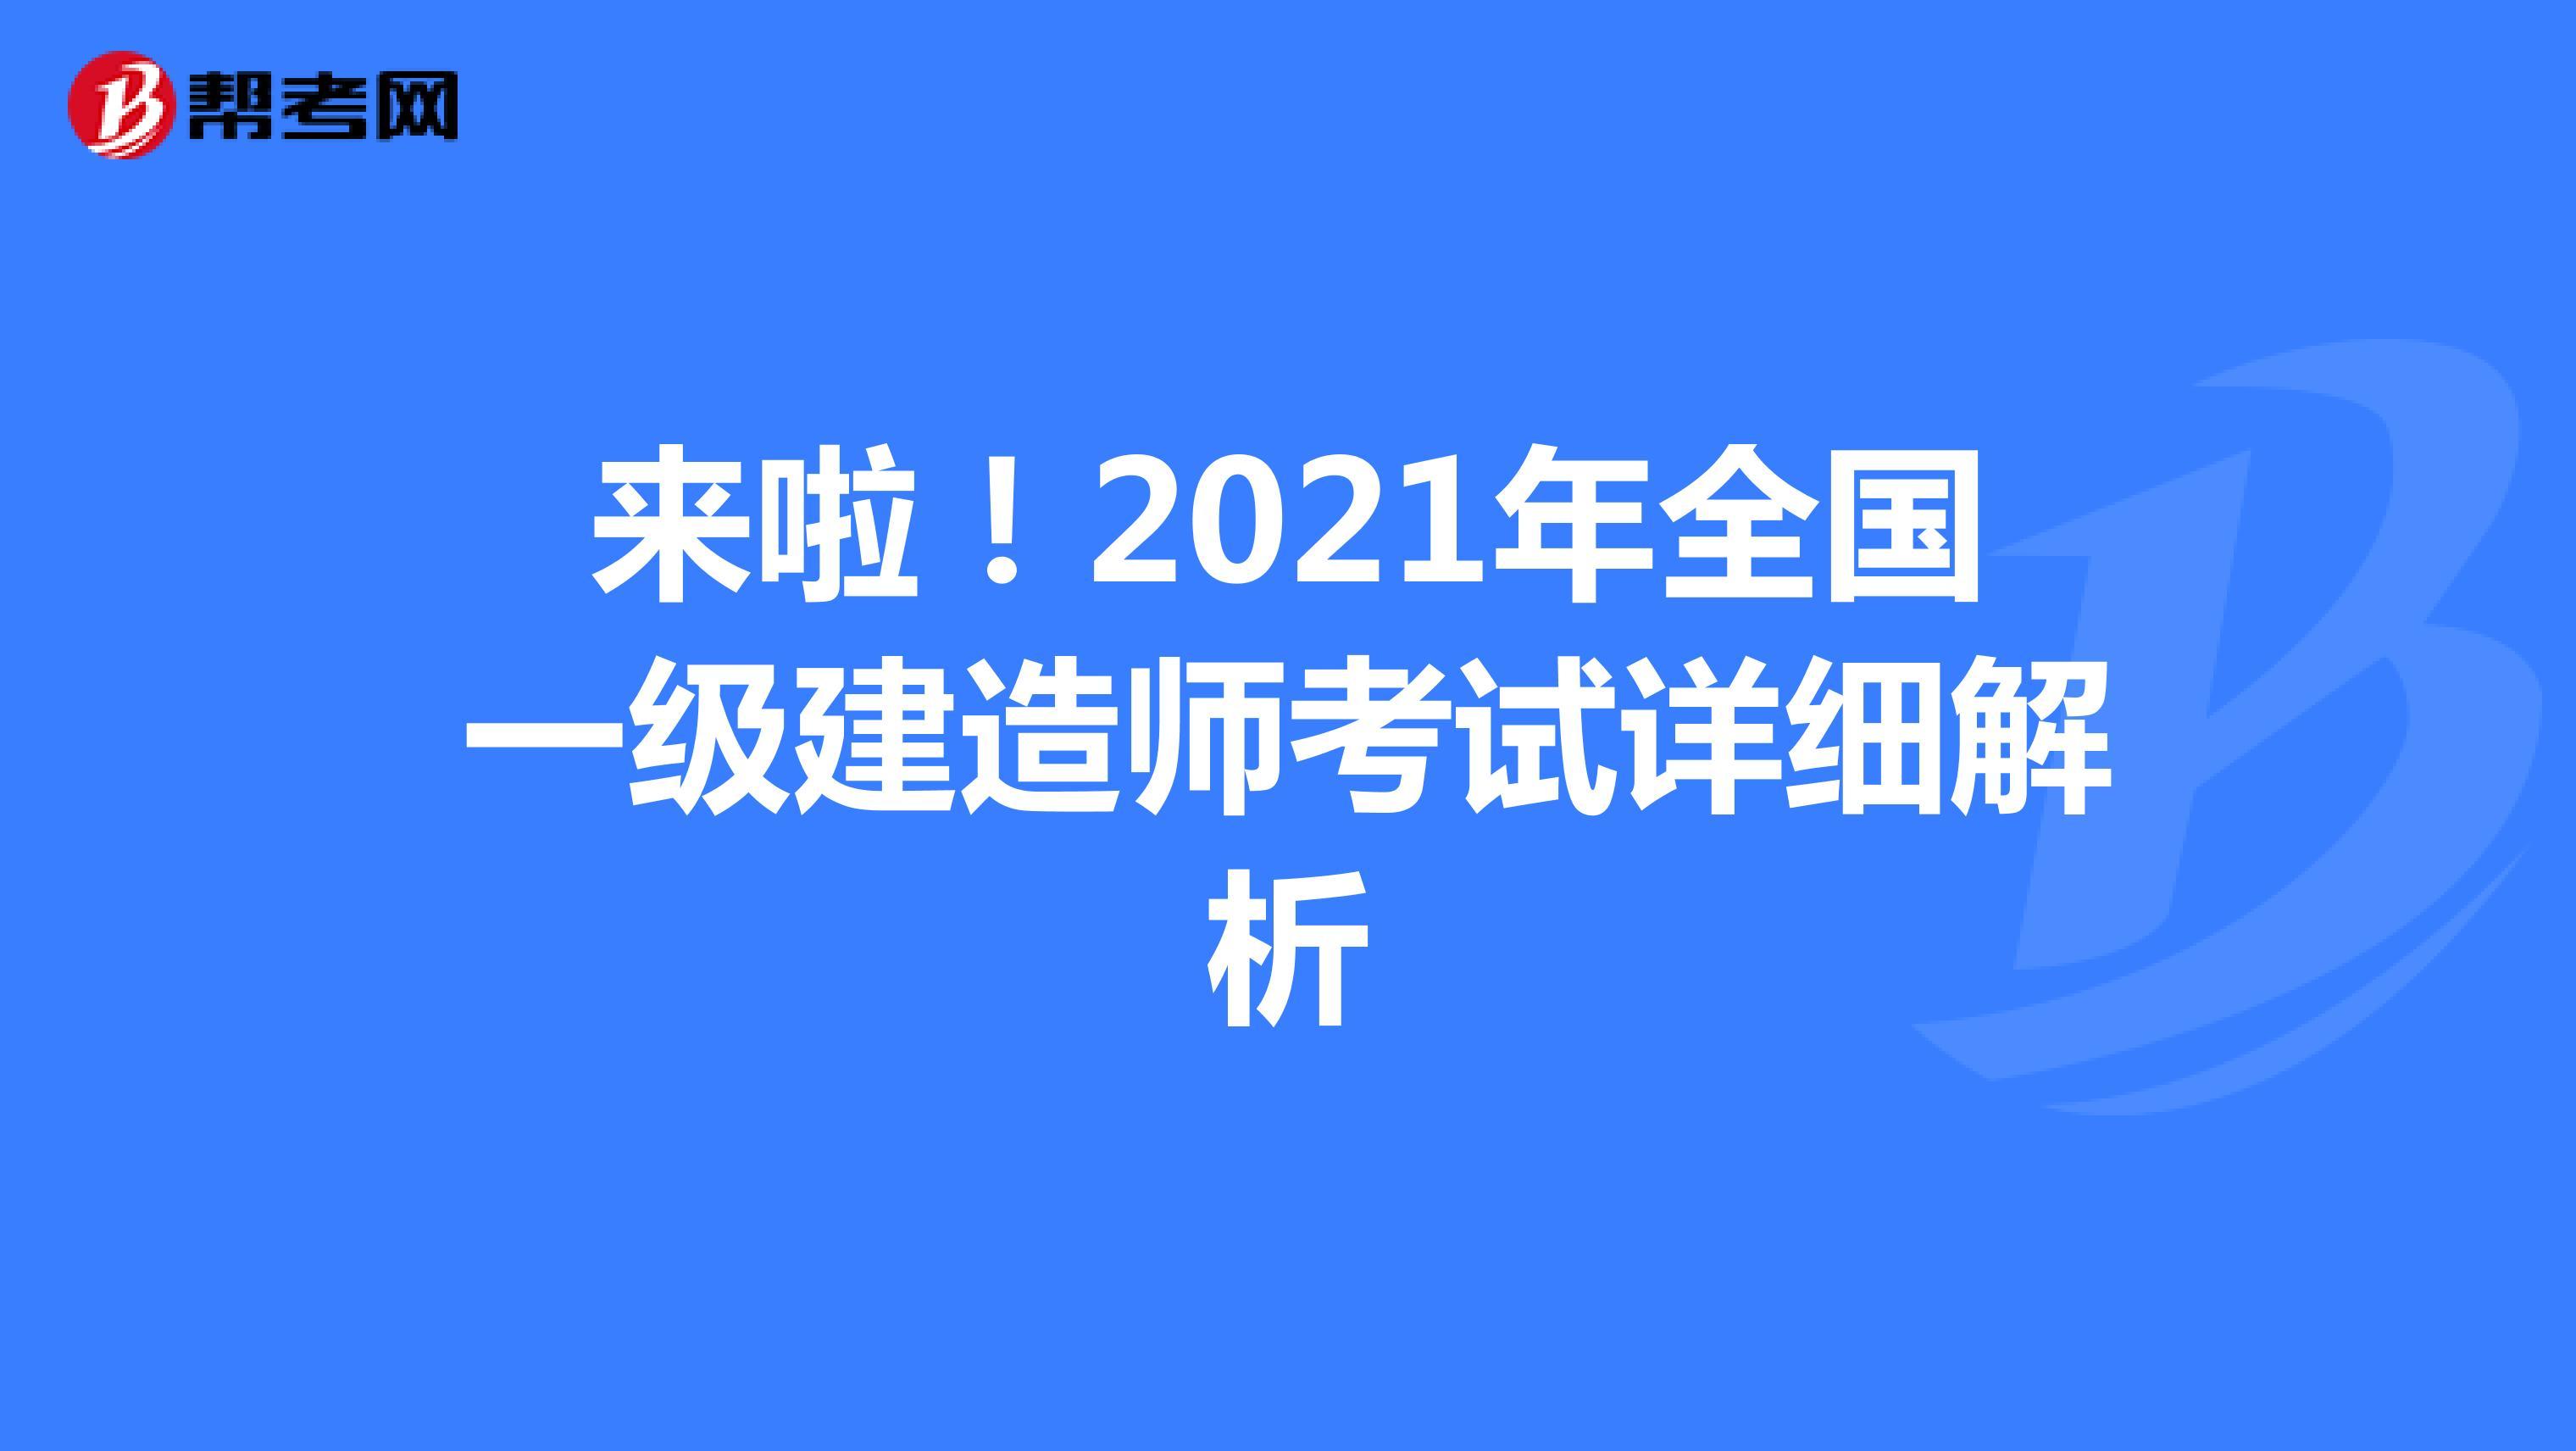 来啦!2021年全国【热竞技下载开户】一级建造师考试详细解析